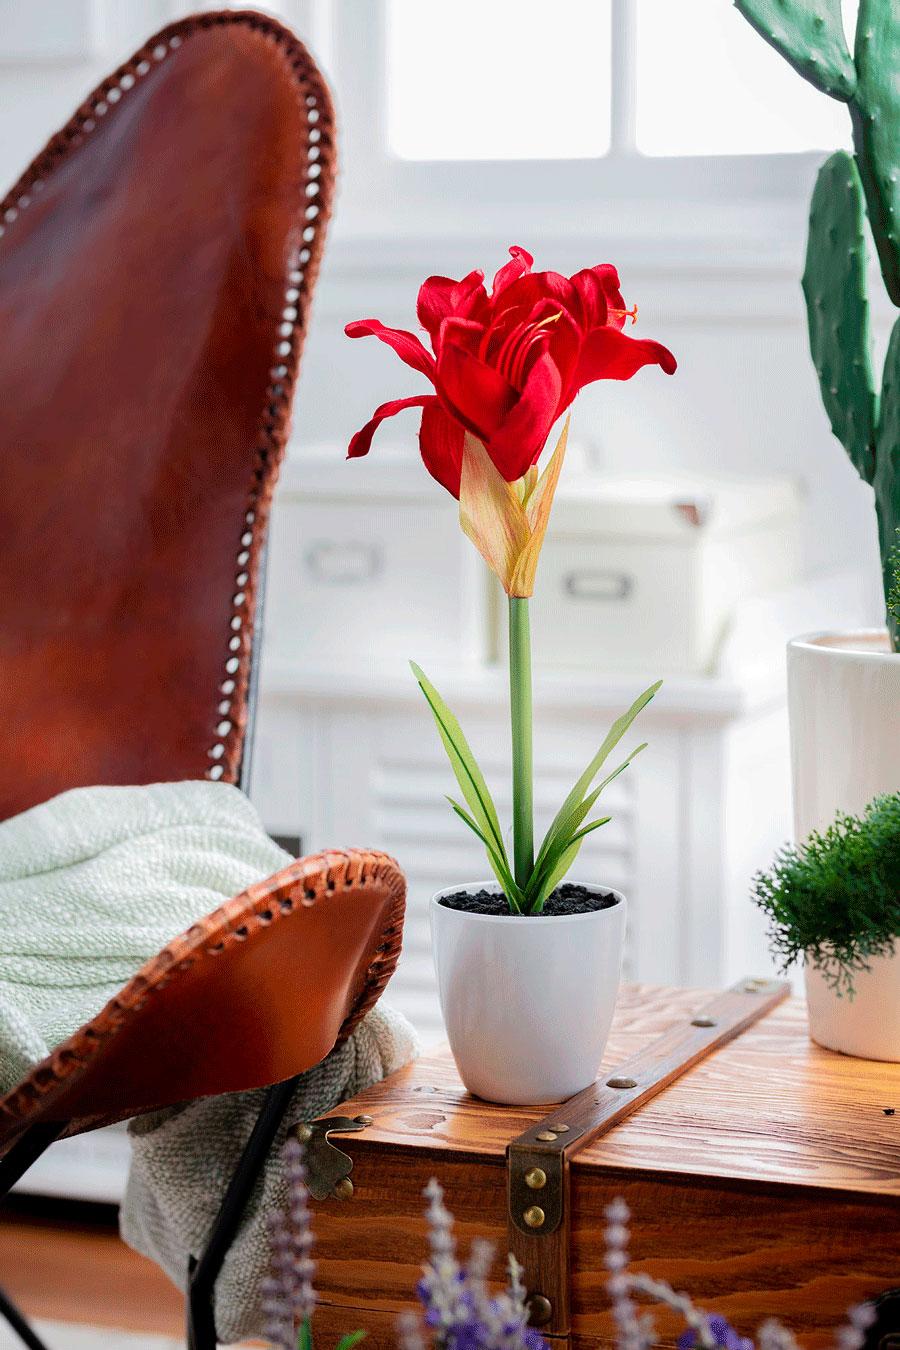 Planta con flor roja